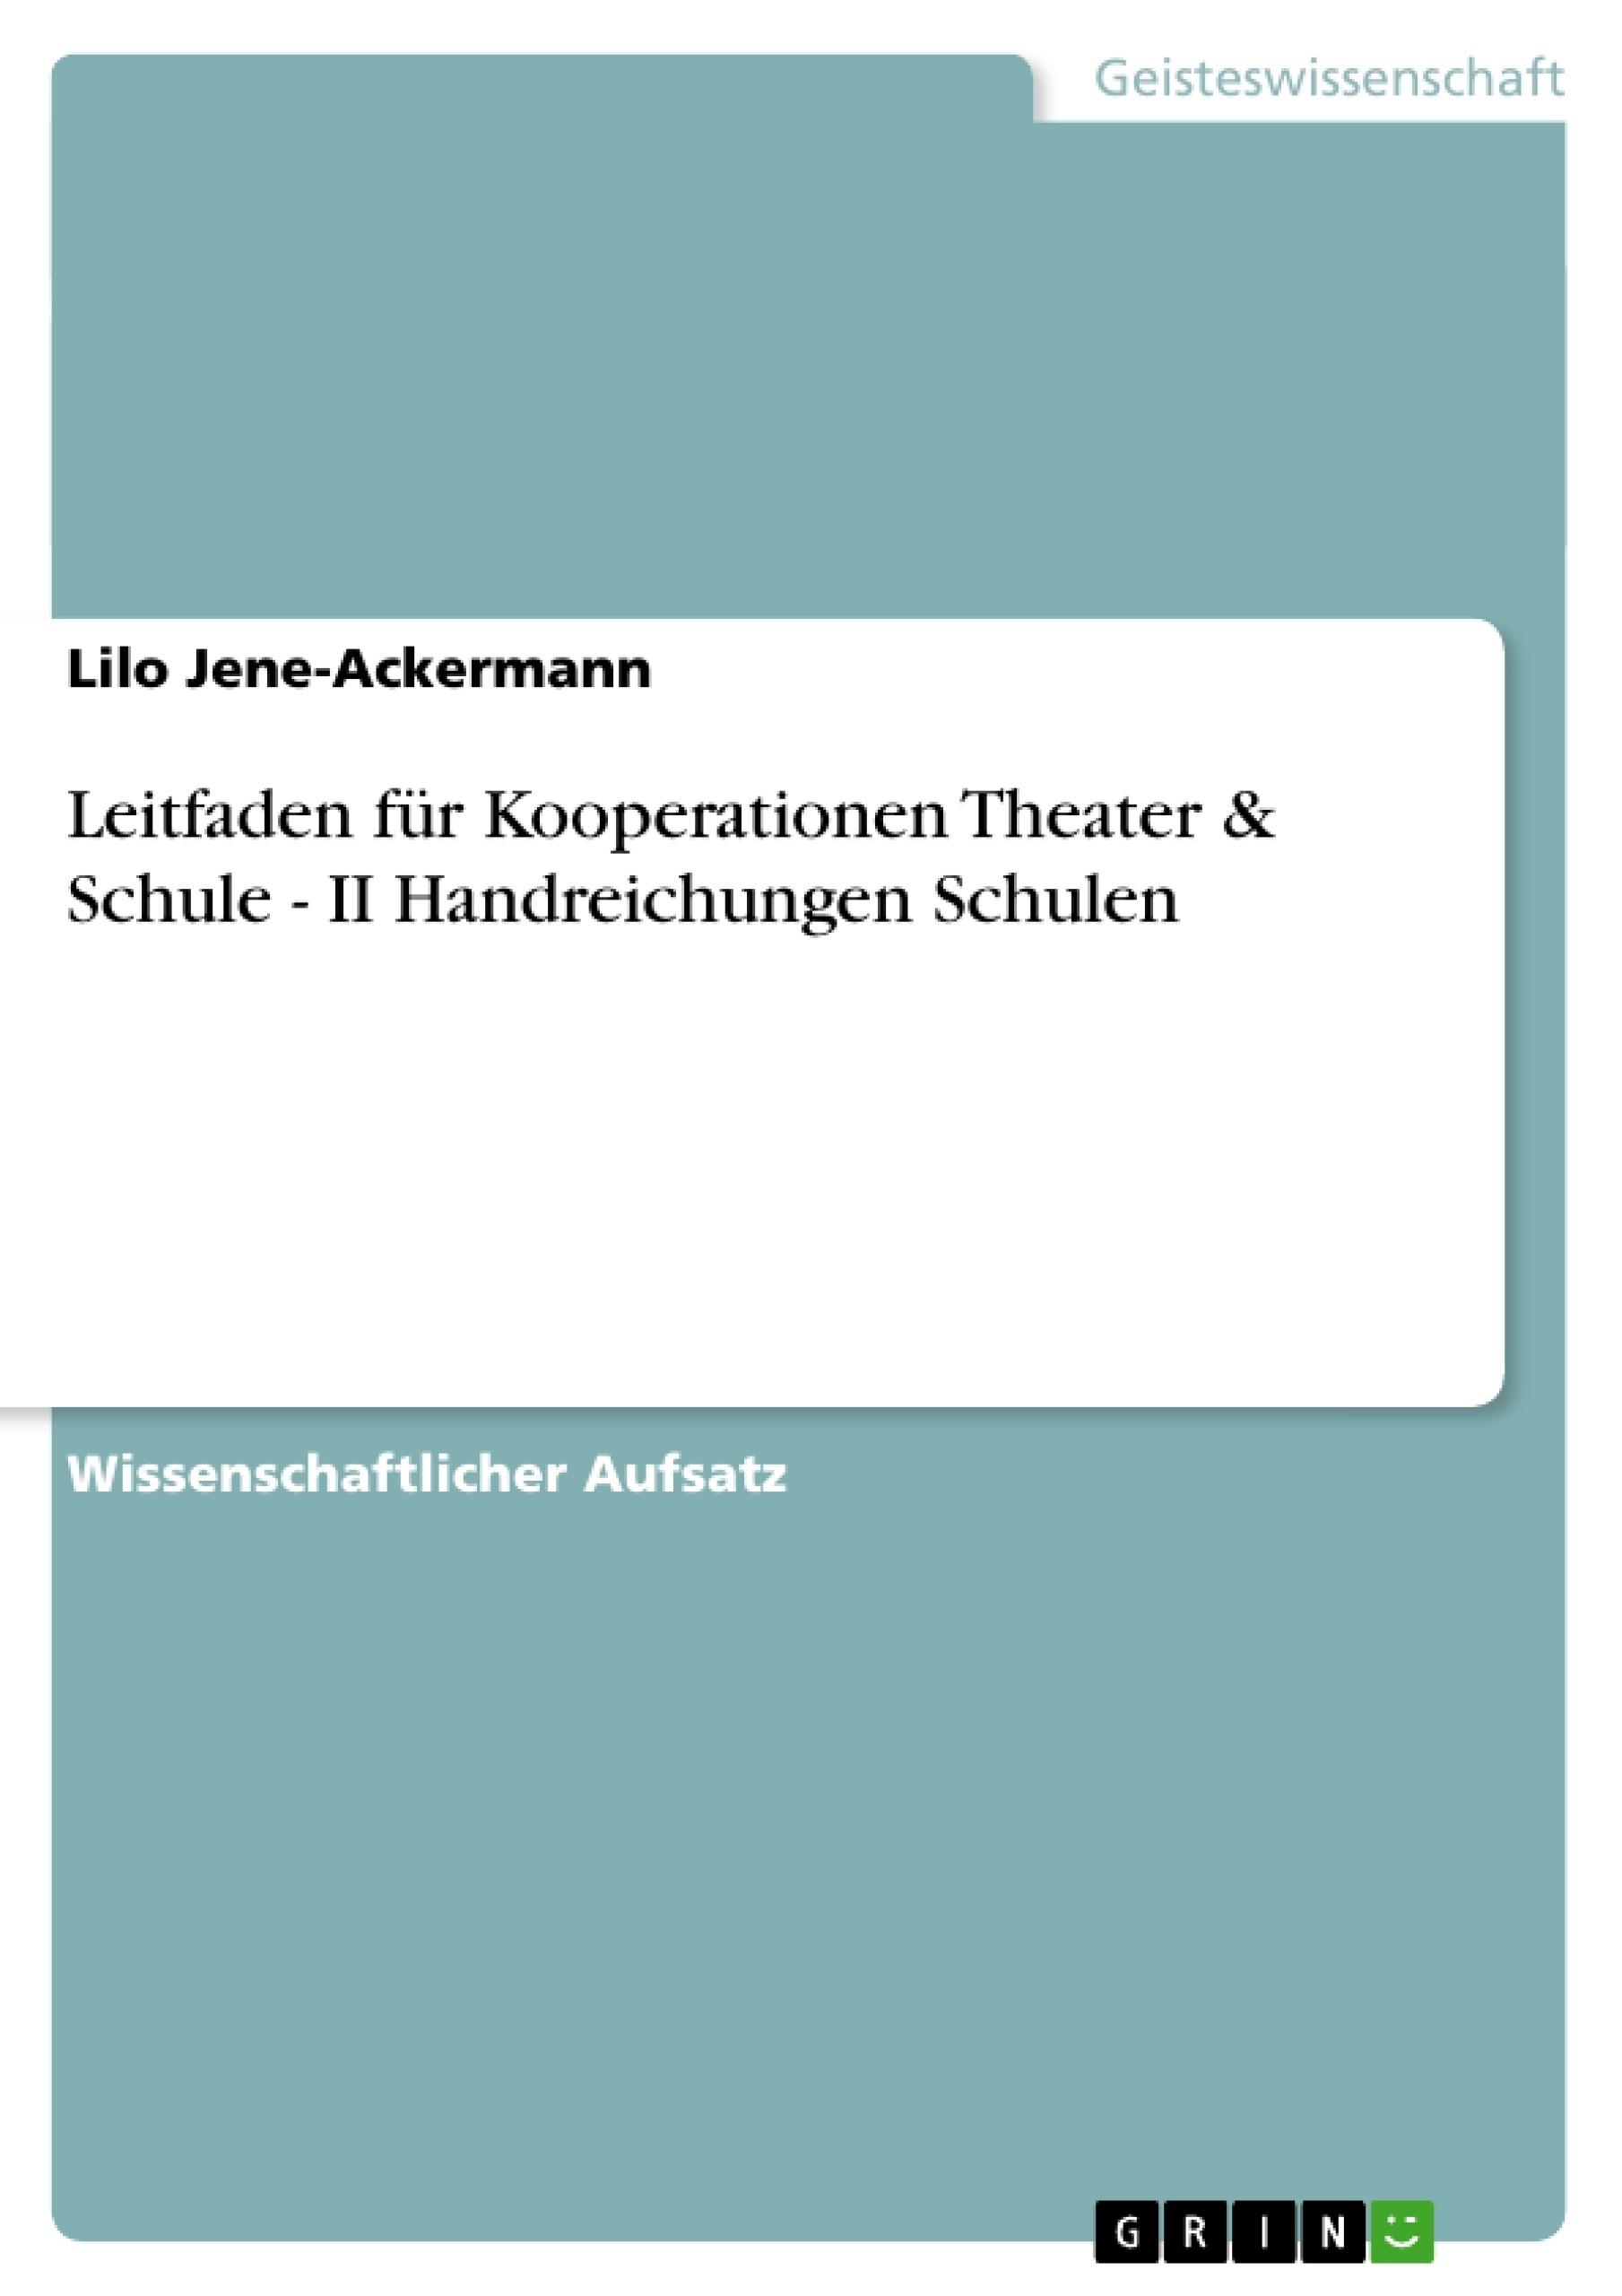 Titel: Leitfaden für Kooperationen Theater & Schule - II Handreichungen Schulen